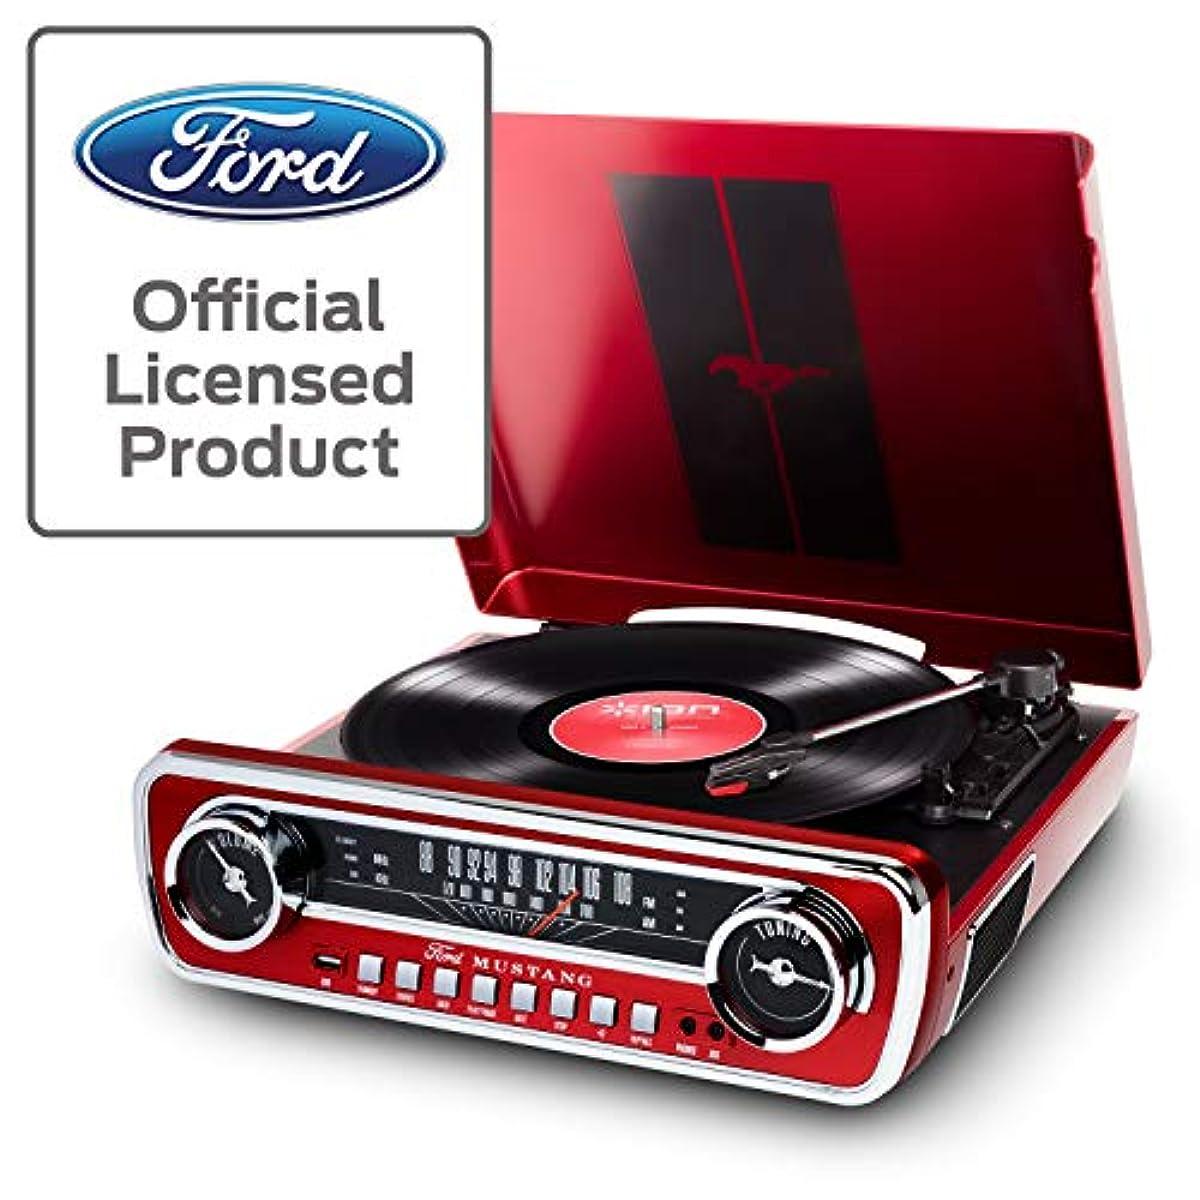 [해외] ION AUDIO 레코드 플레이어 1965년제 포드 마스터구 디자인 4종 재생 가능【레코드,라디오,USB,외부 입력】 MUSTANG LP 레드